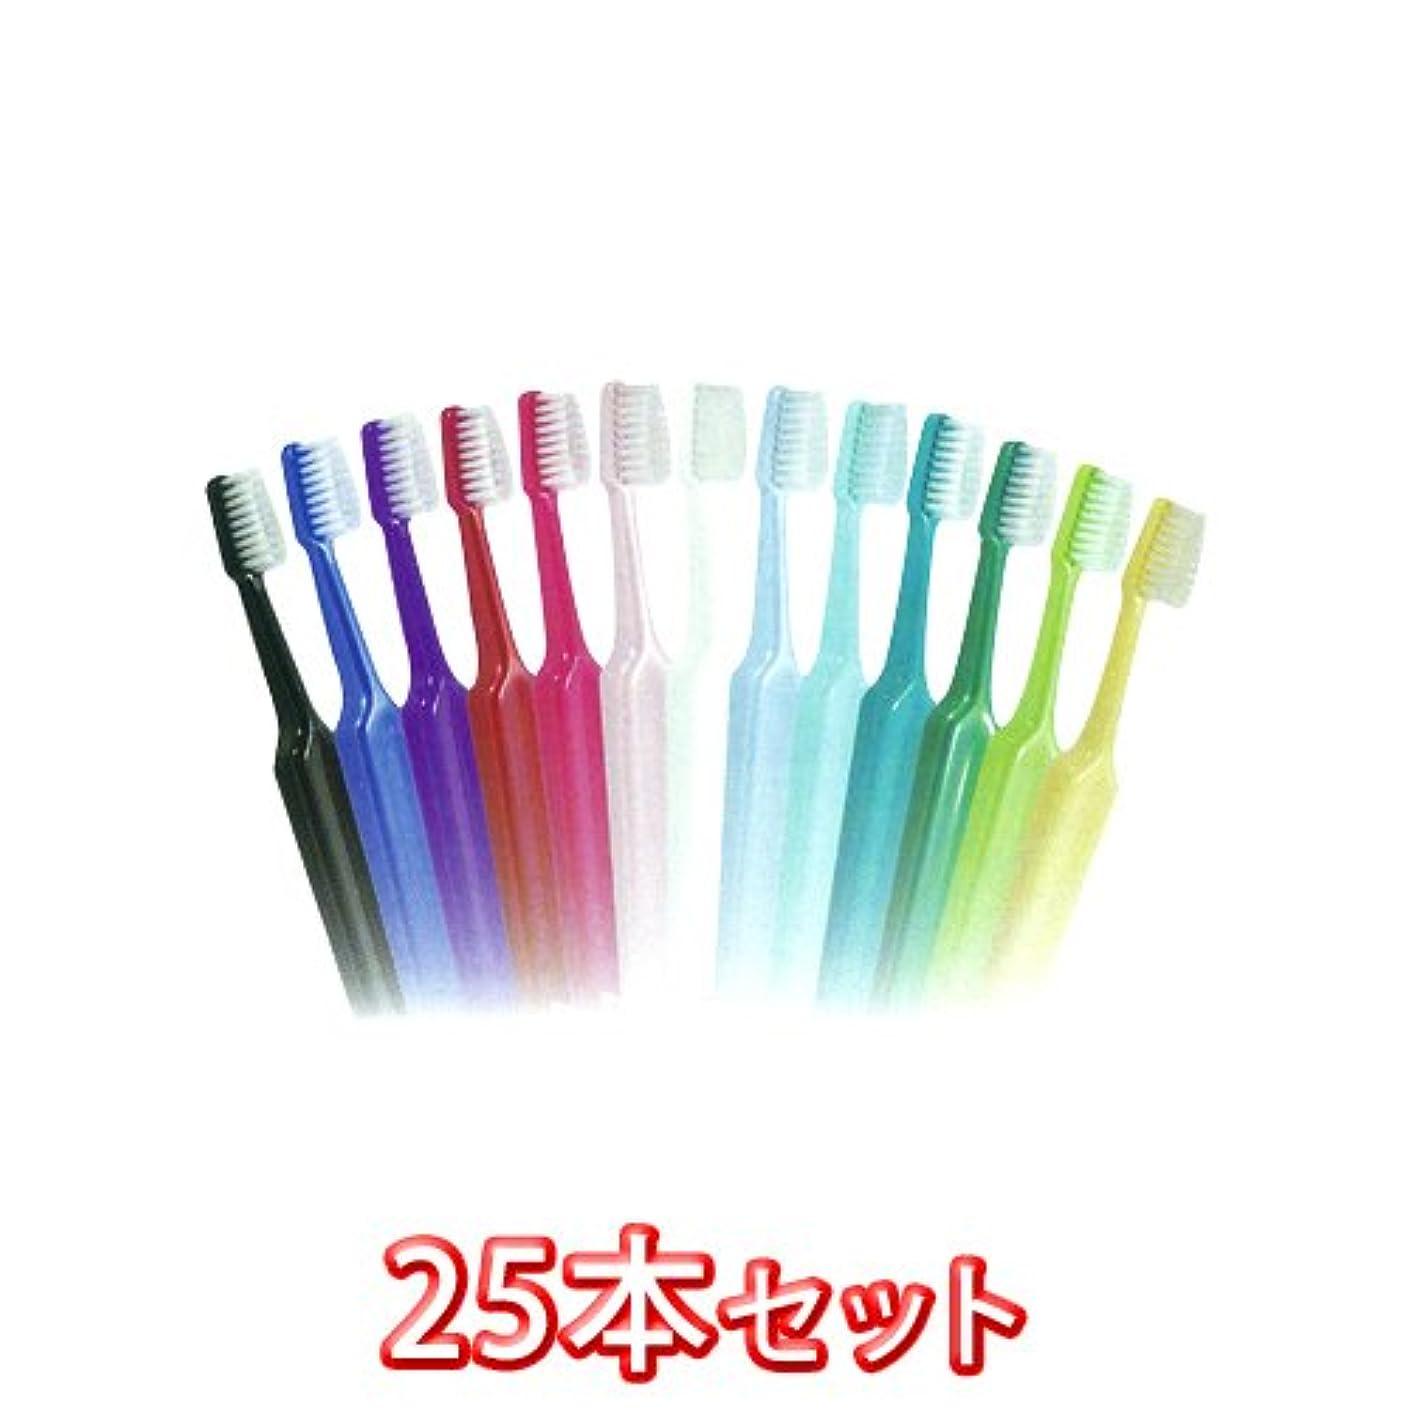 洗う評議会合わせてTePe (テペ) セレクトミディアム 歯ブラシ 25本入